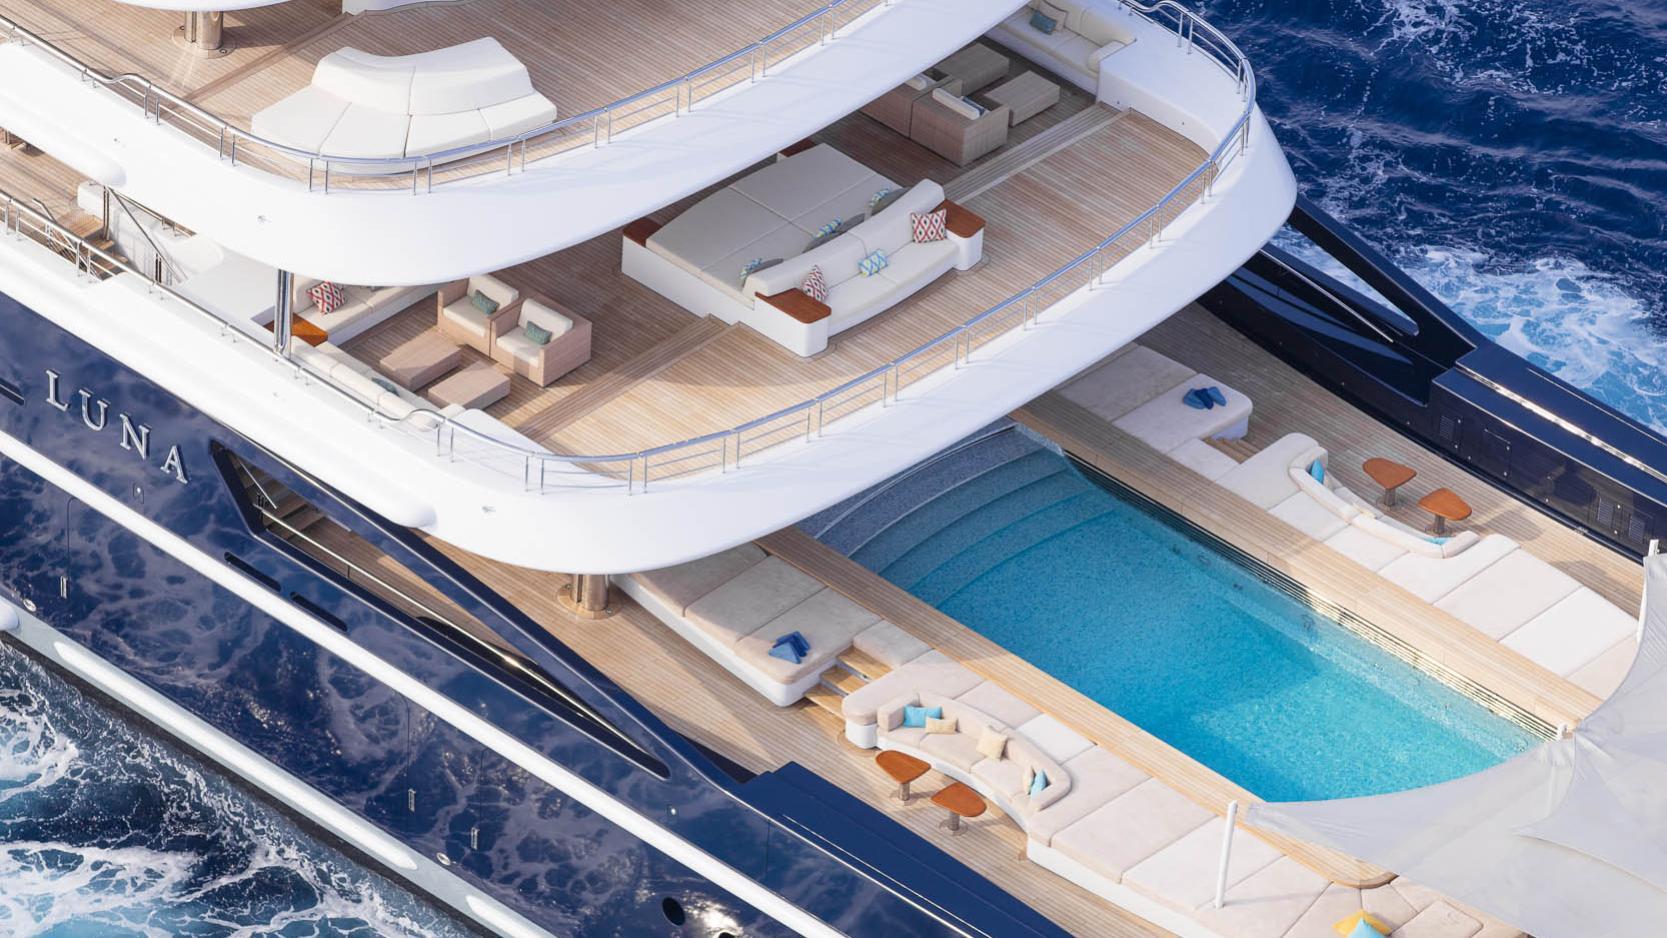 luna superyacht lloyd werft 2010 115m side aerial